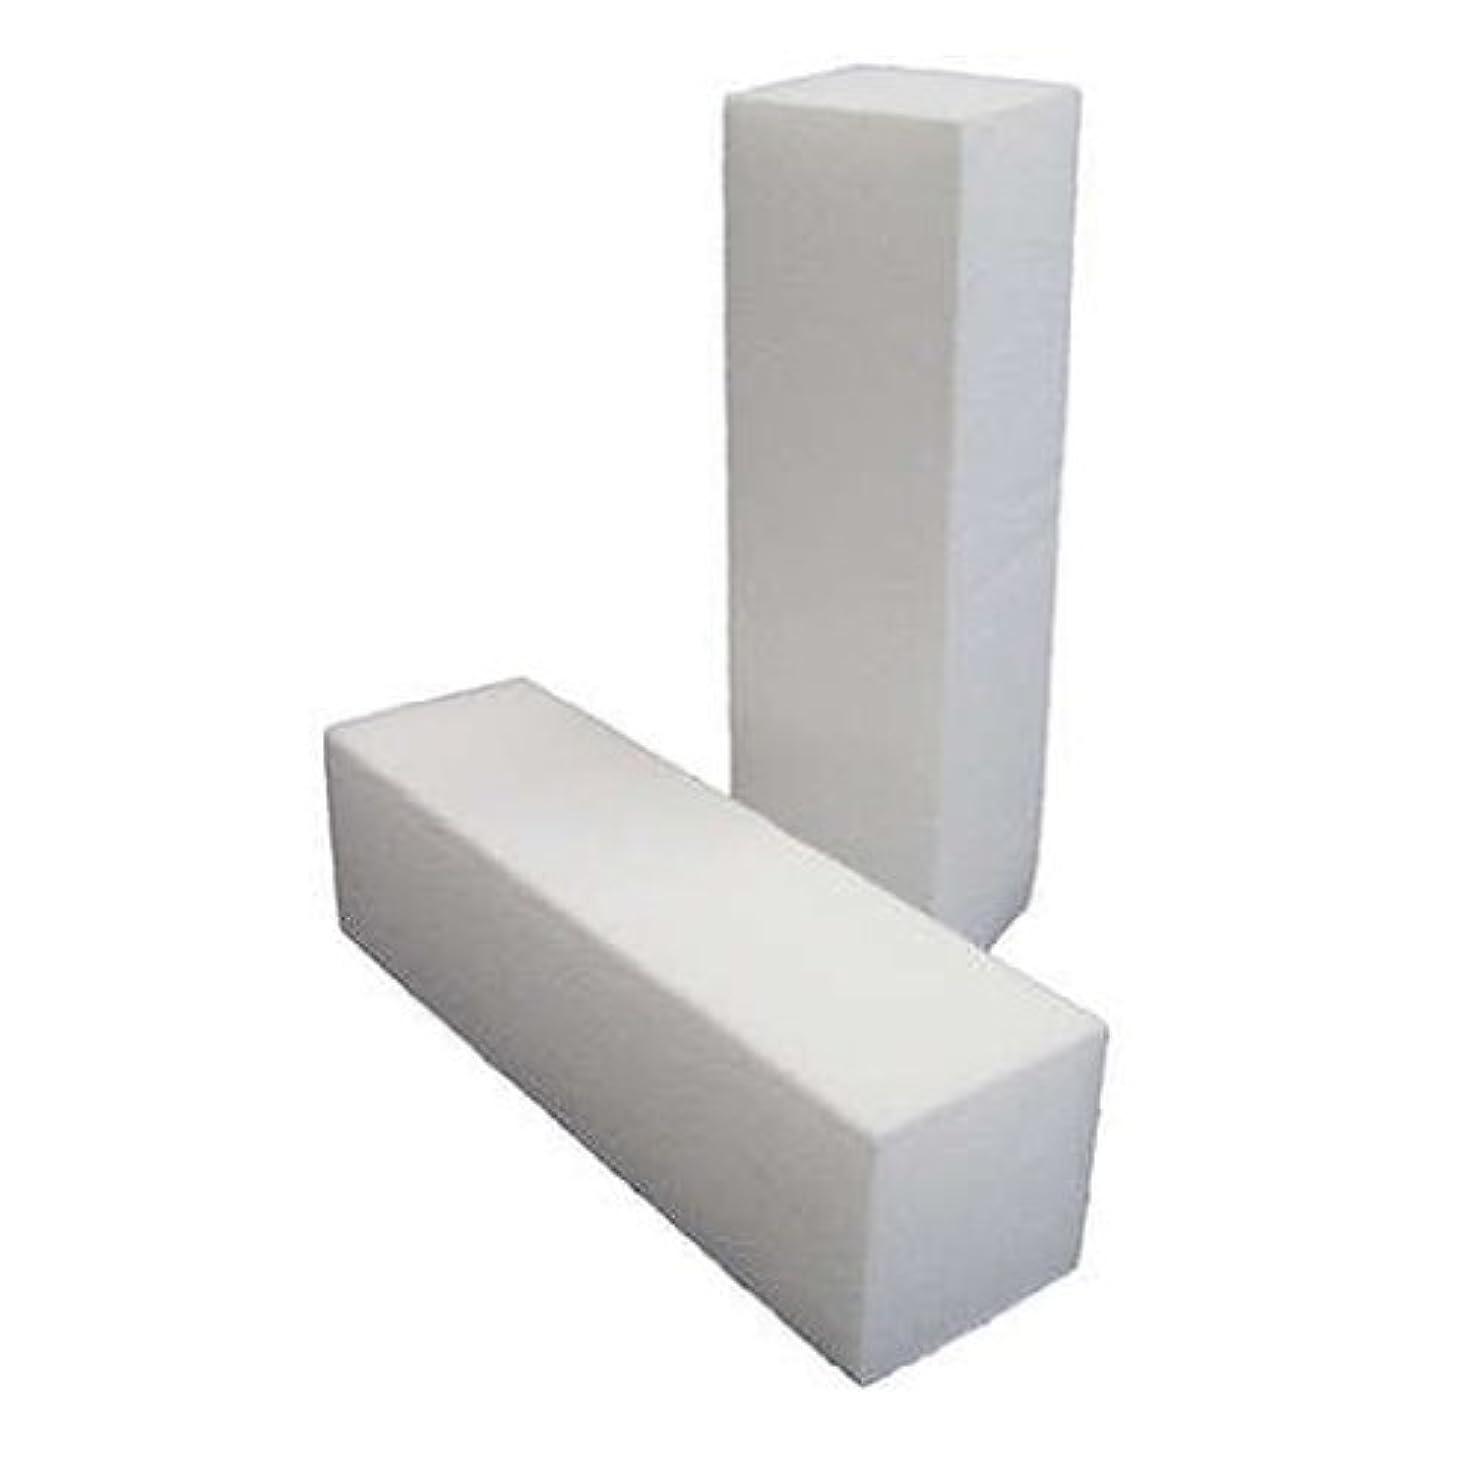 置くためにパック何故なの最大化するRETYLY バッファーバフサンディングブロックシャイナーファイルアクリルネイルアートホワイト